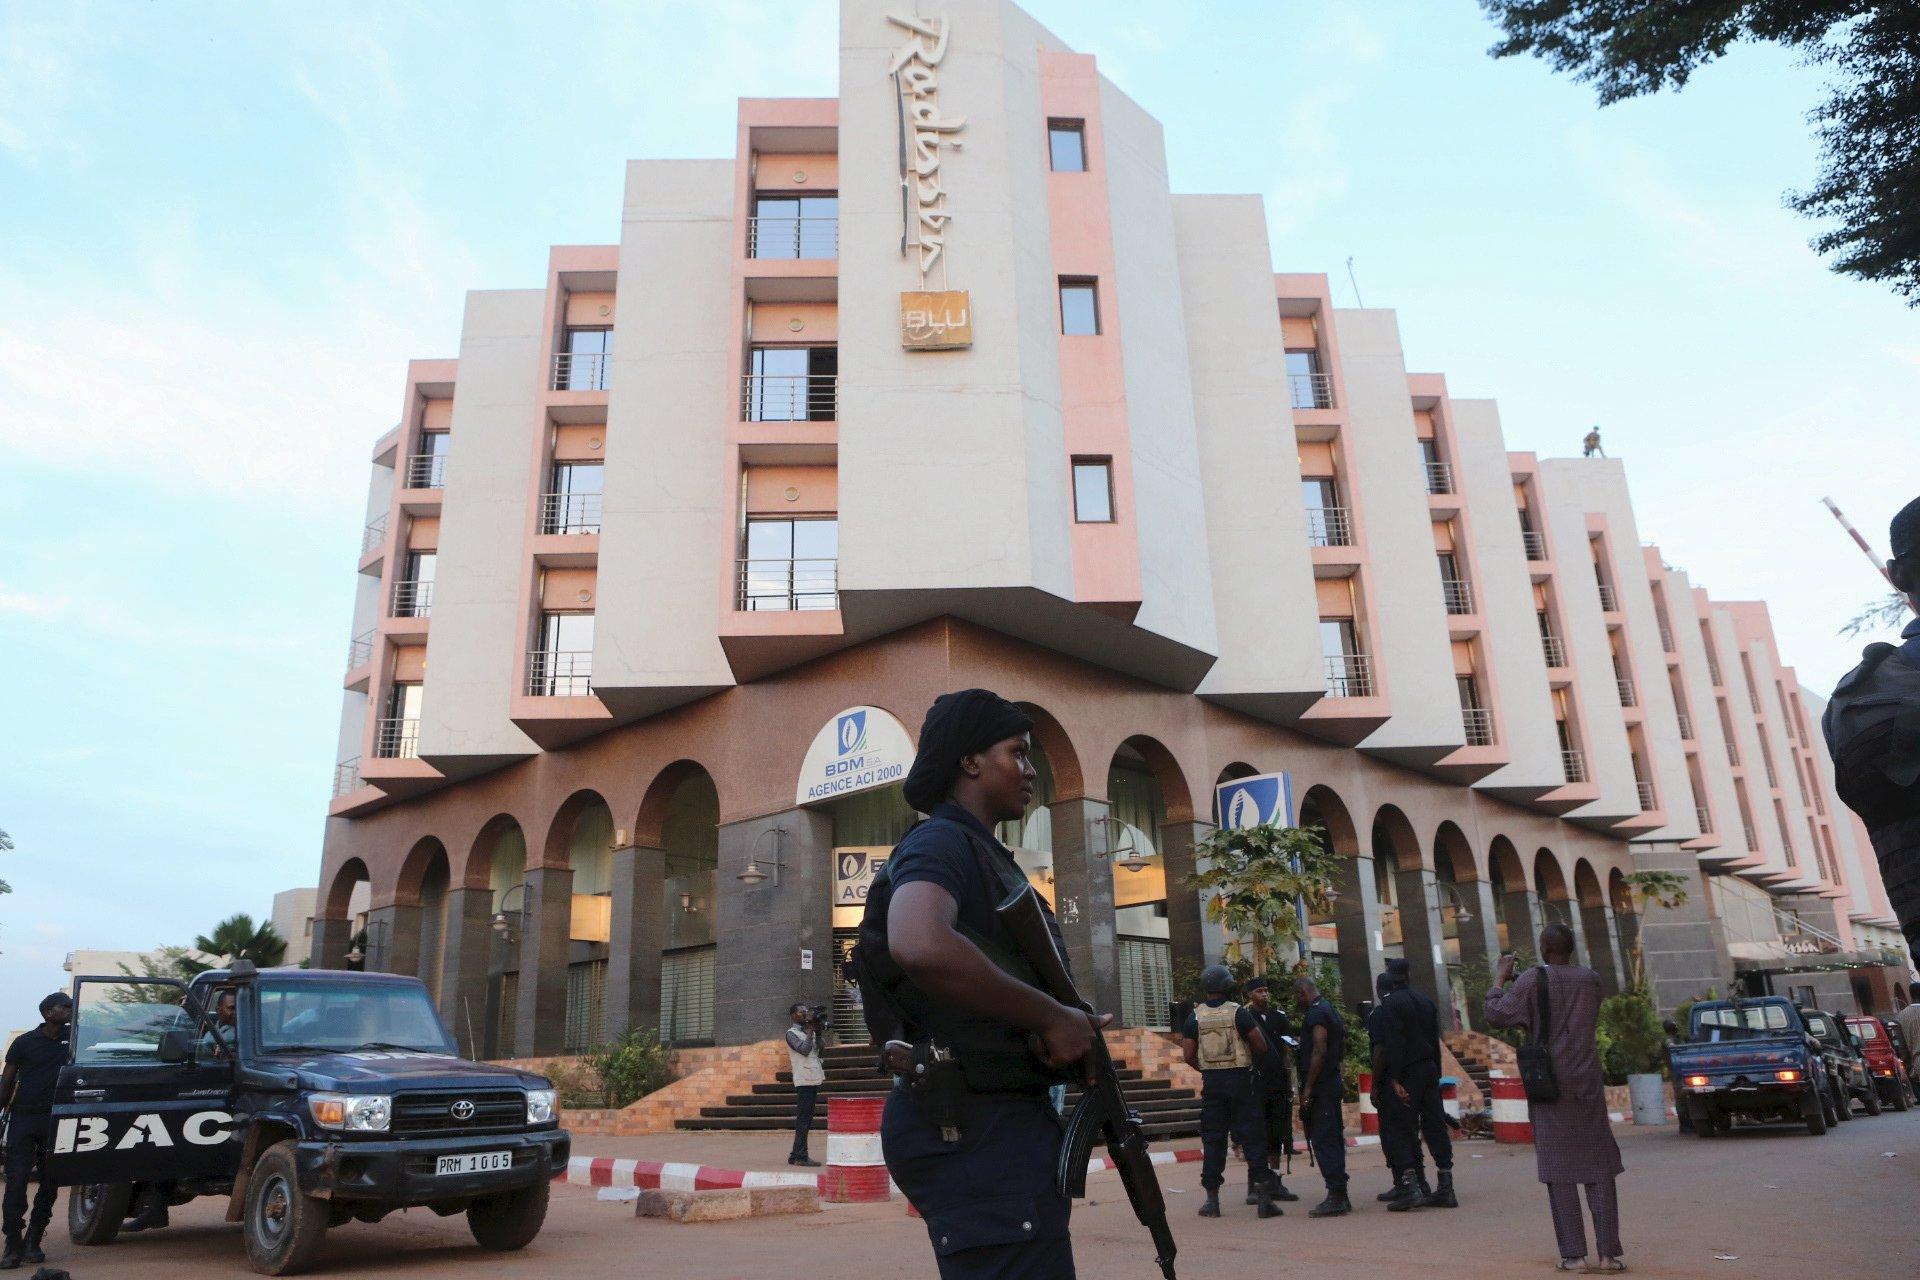 مالي تحتجز 19 شخصًا بعد هجوم على بعثة عسكرية أوروبية